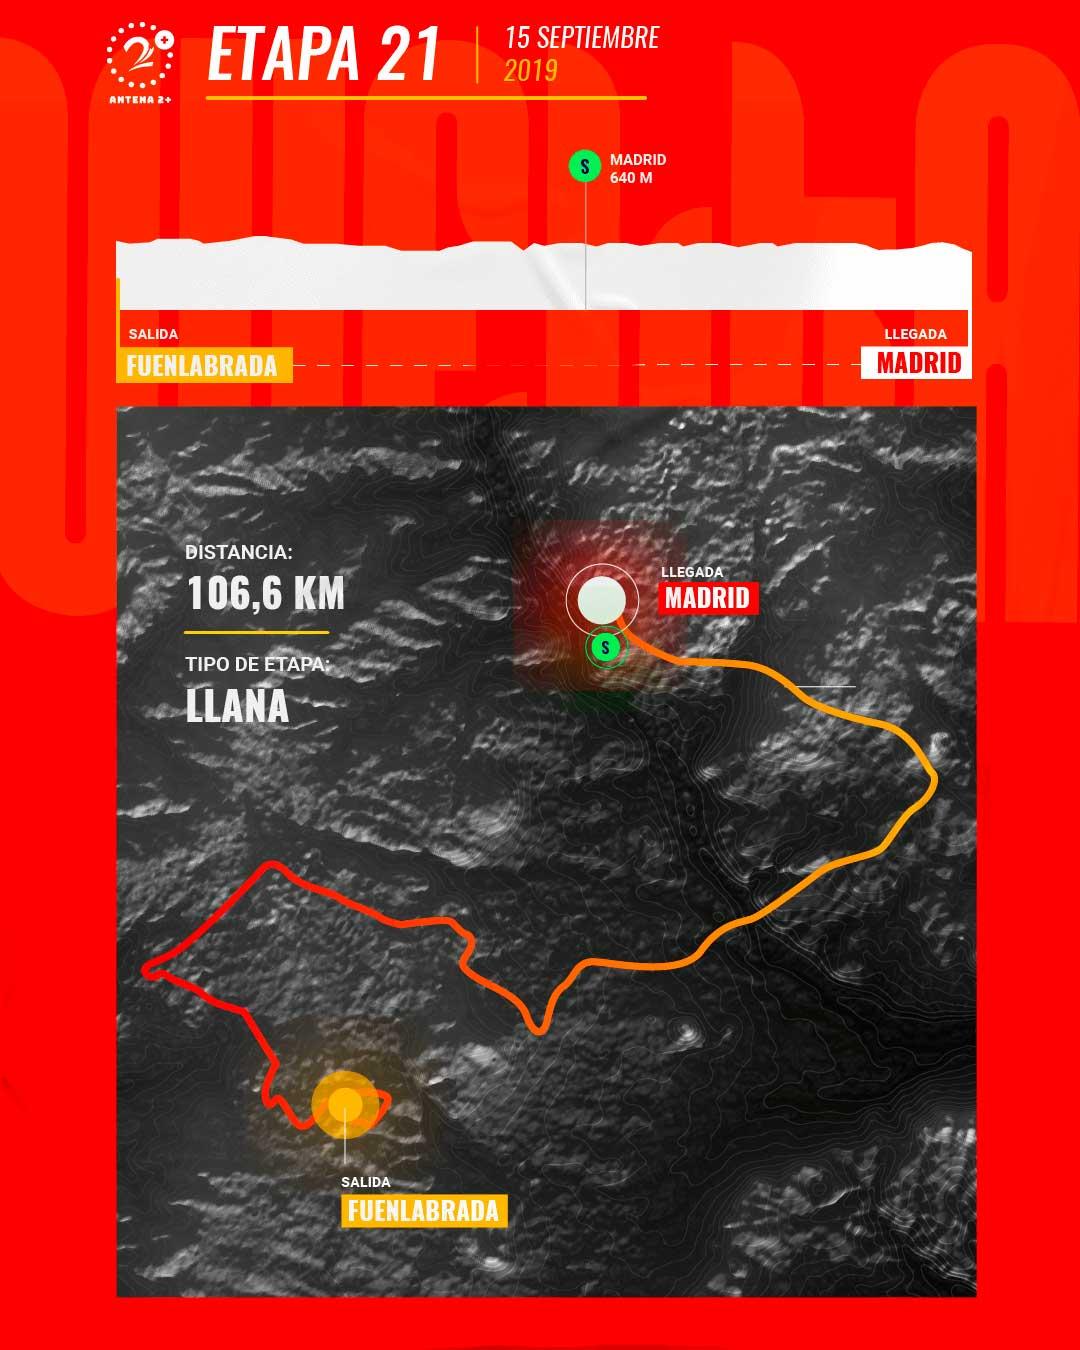 Etapa 21, Vuelta a España 2019